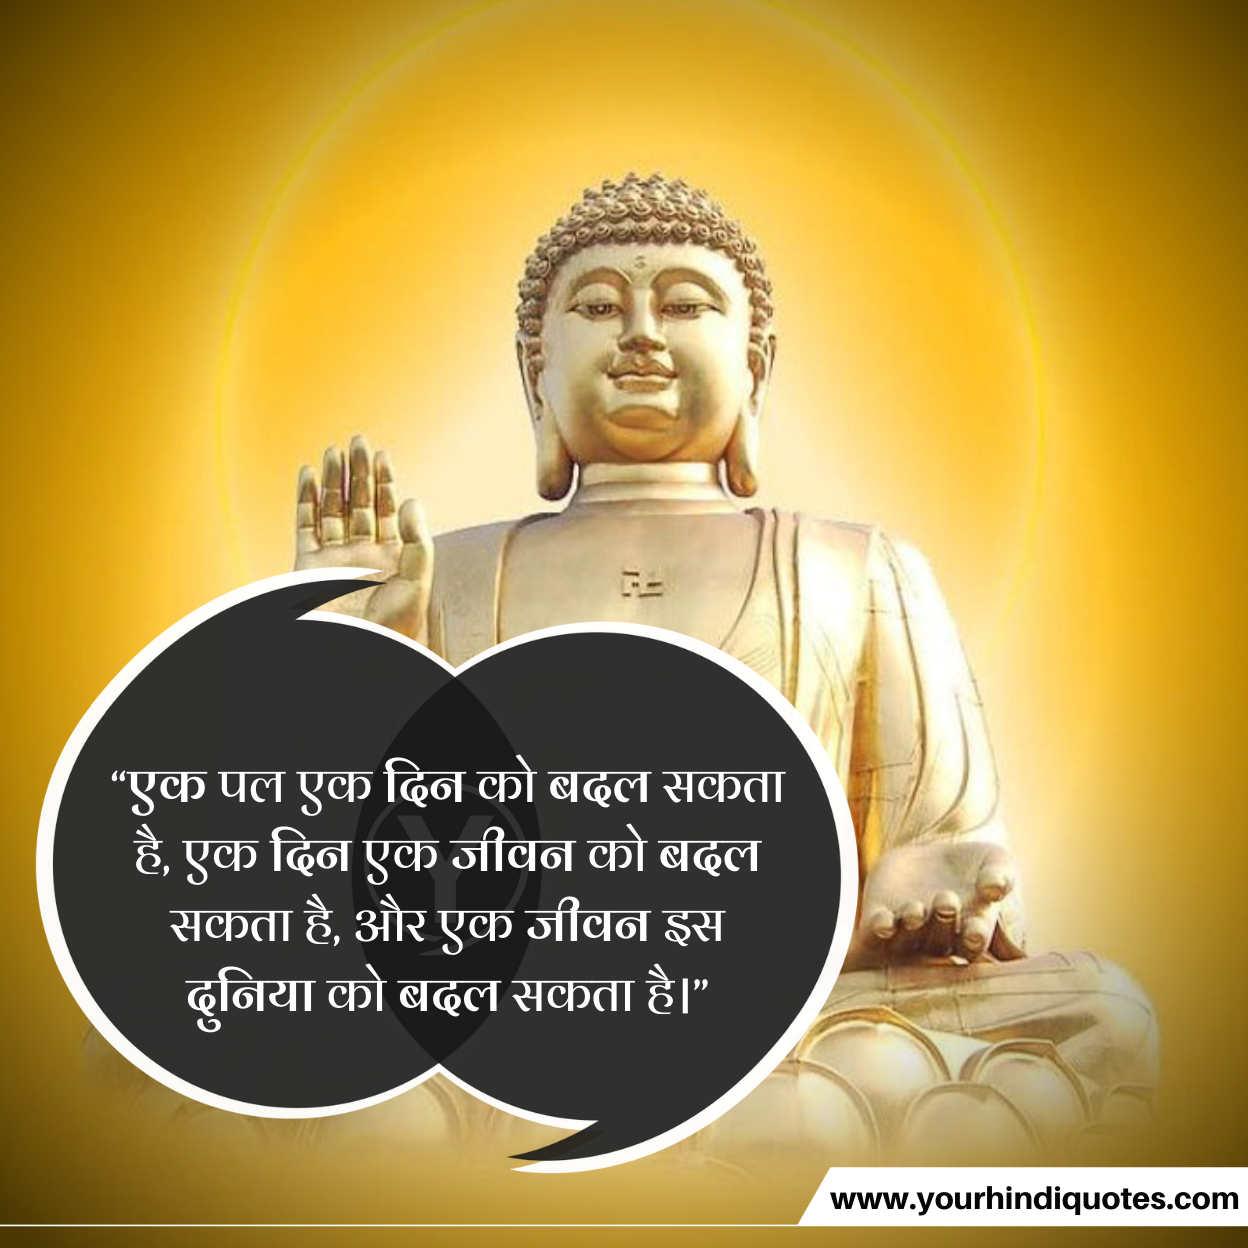 Gautam Buddha Hindi Updesh Picture